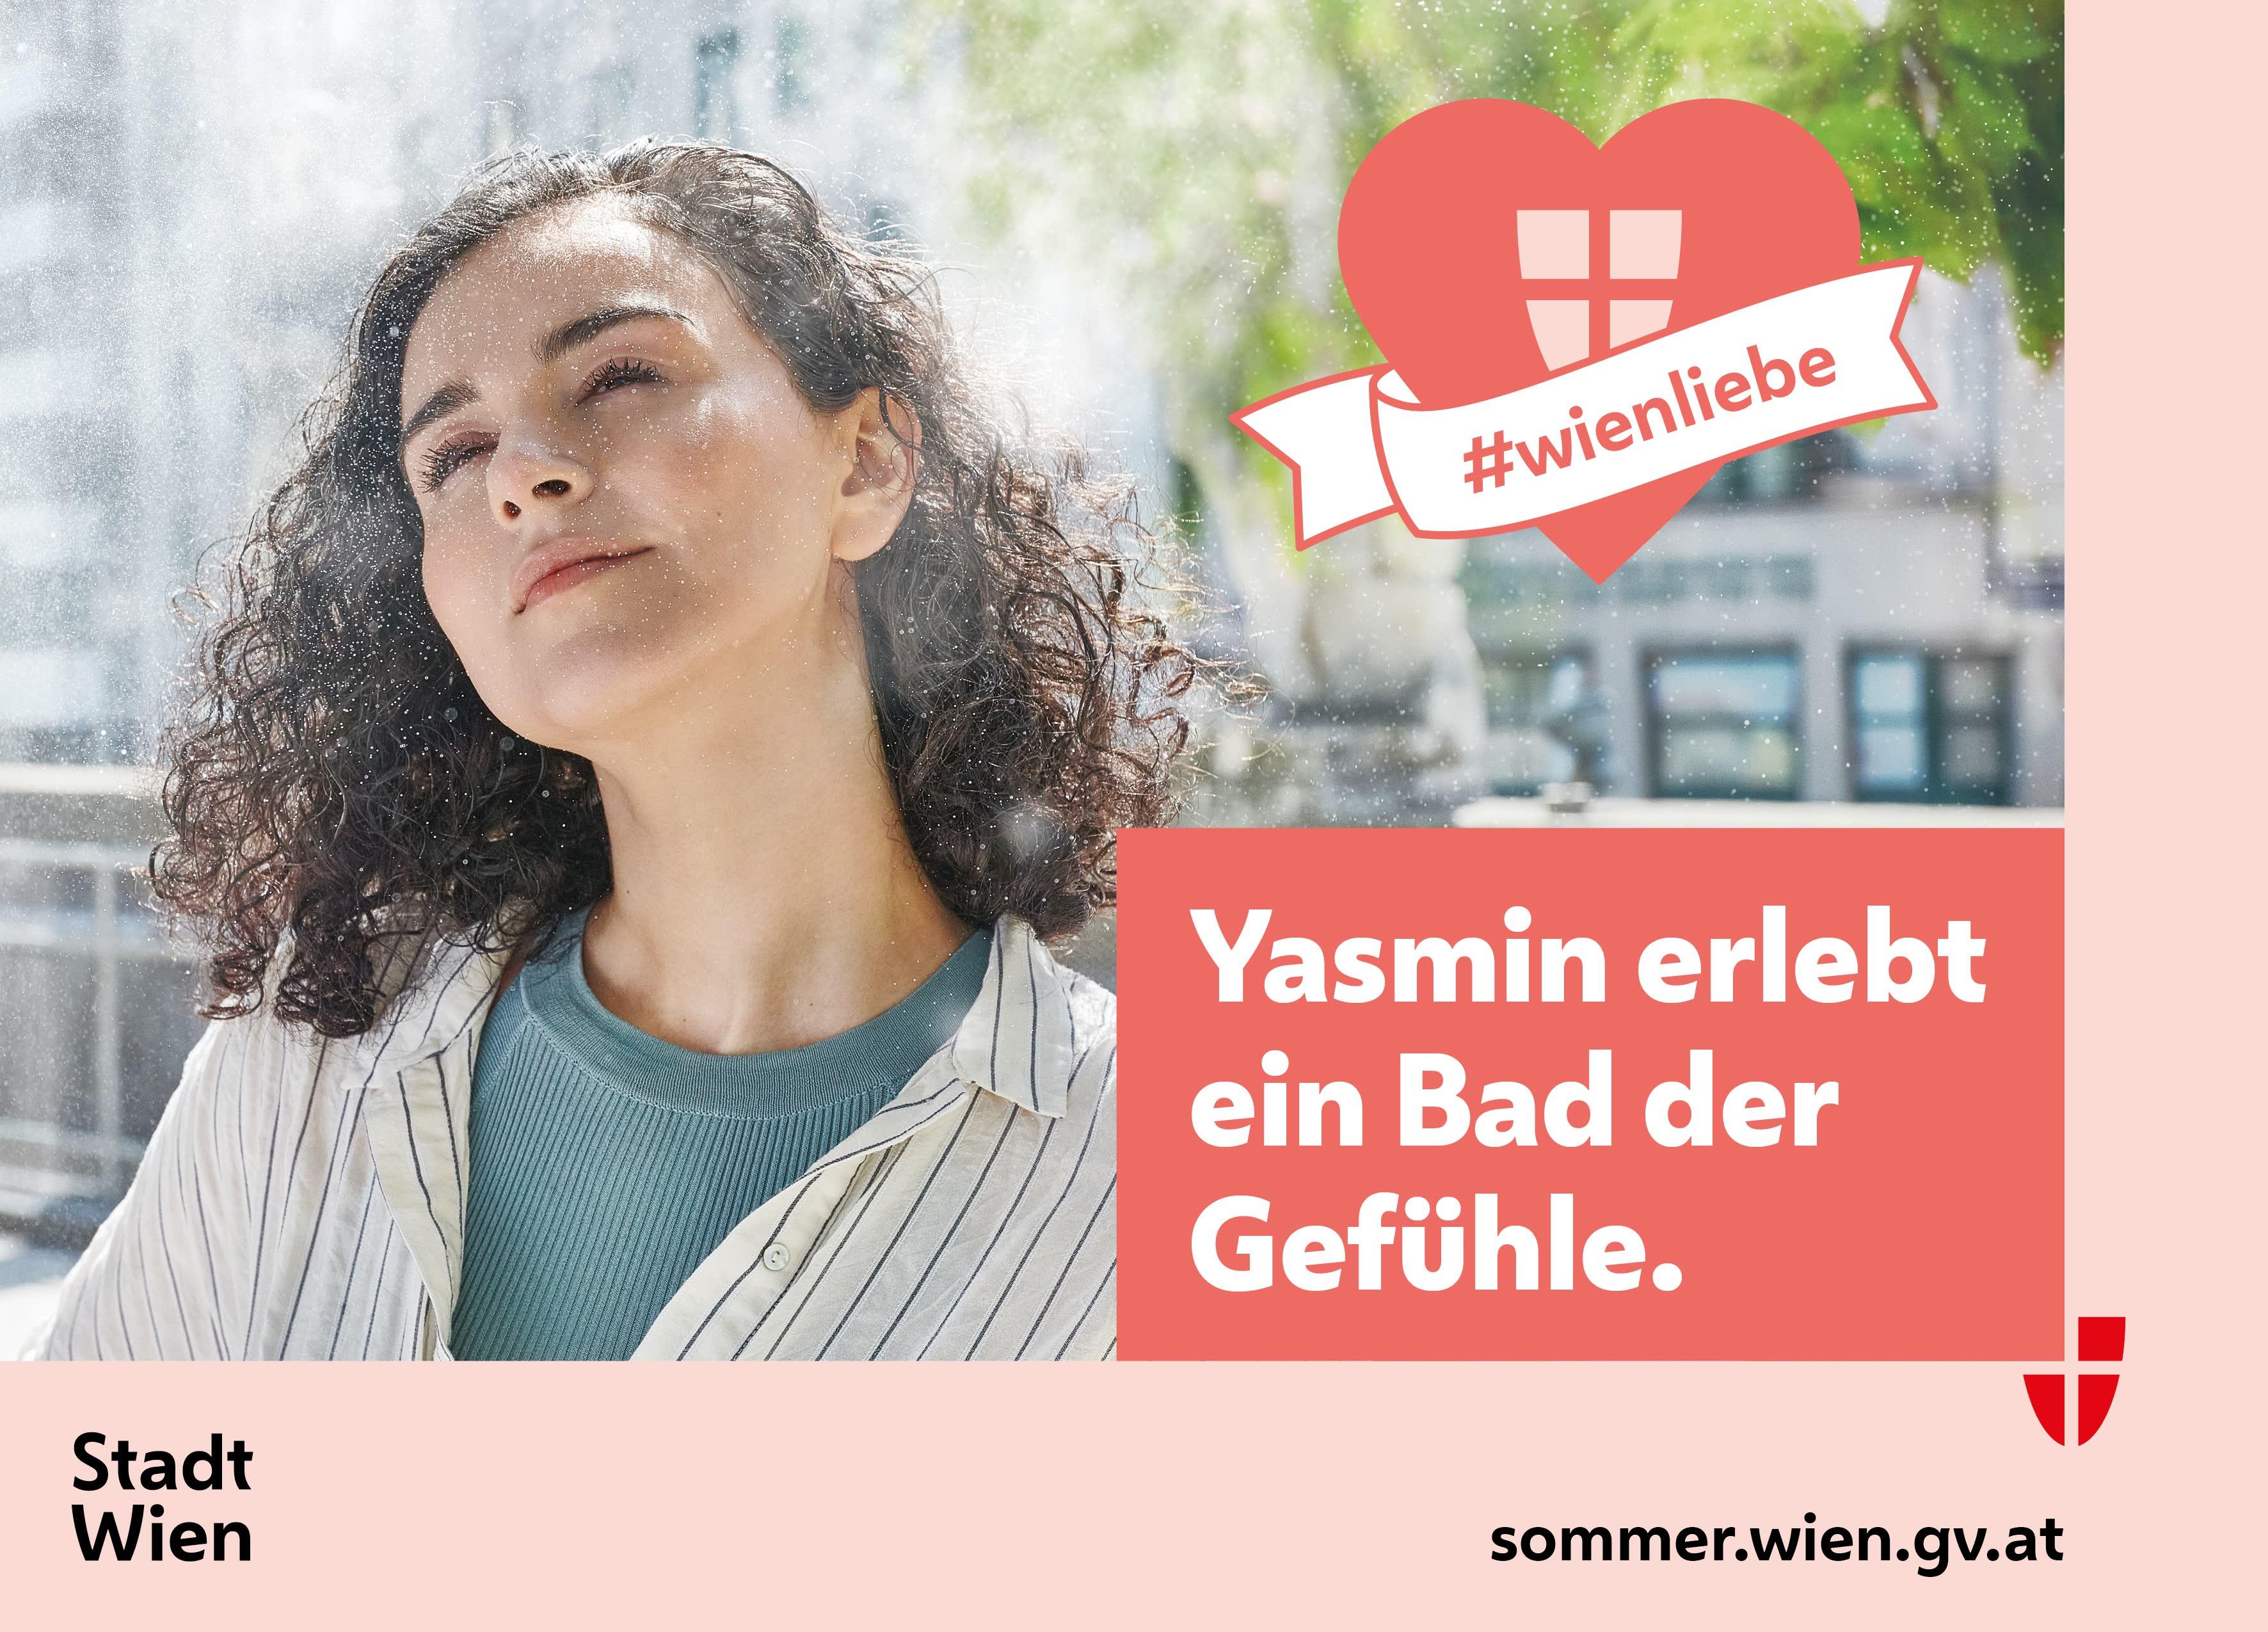 RZ_SW_Sommerkampagne_RB-3er-2_lowRes